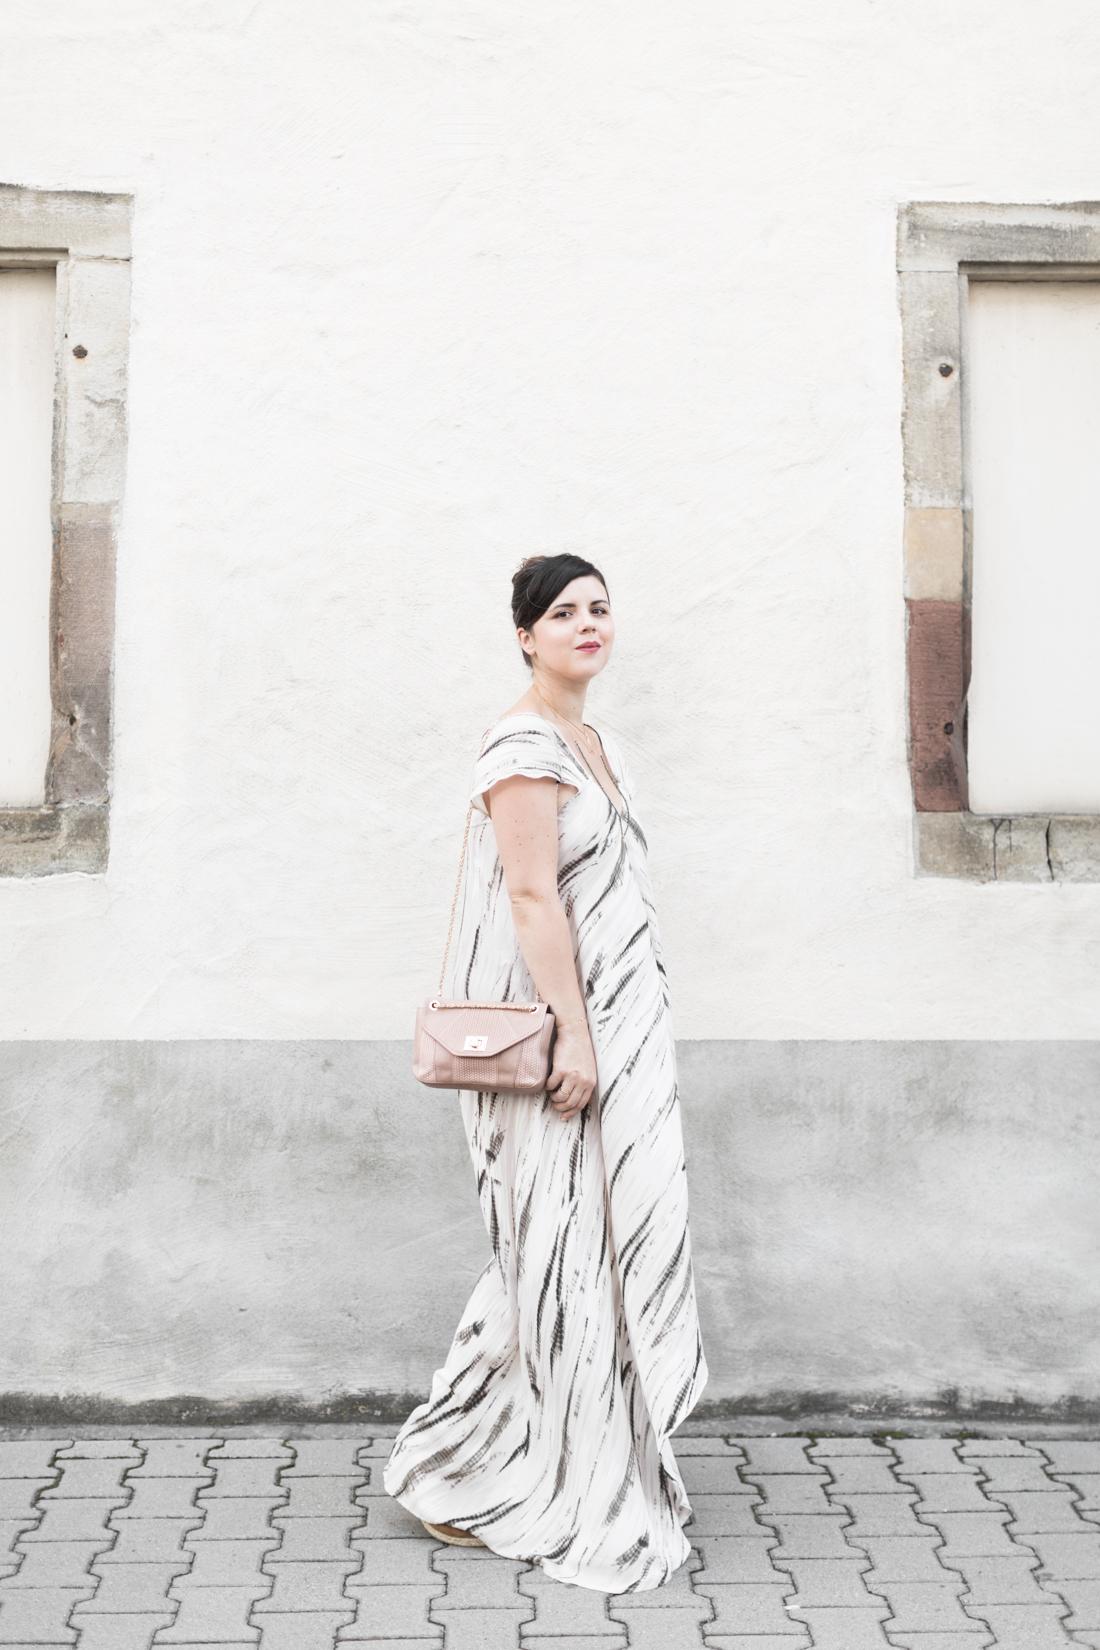 1100 robe louizon collier Elise Tsikis sac espadrilles sezane credit Pauline paulinefashionblog.com 5 Robe Tie & Dye, espadrilles et errances capillaires